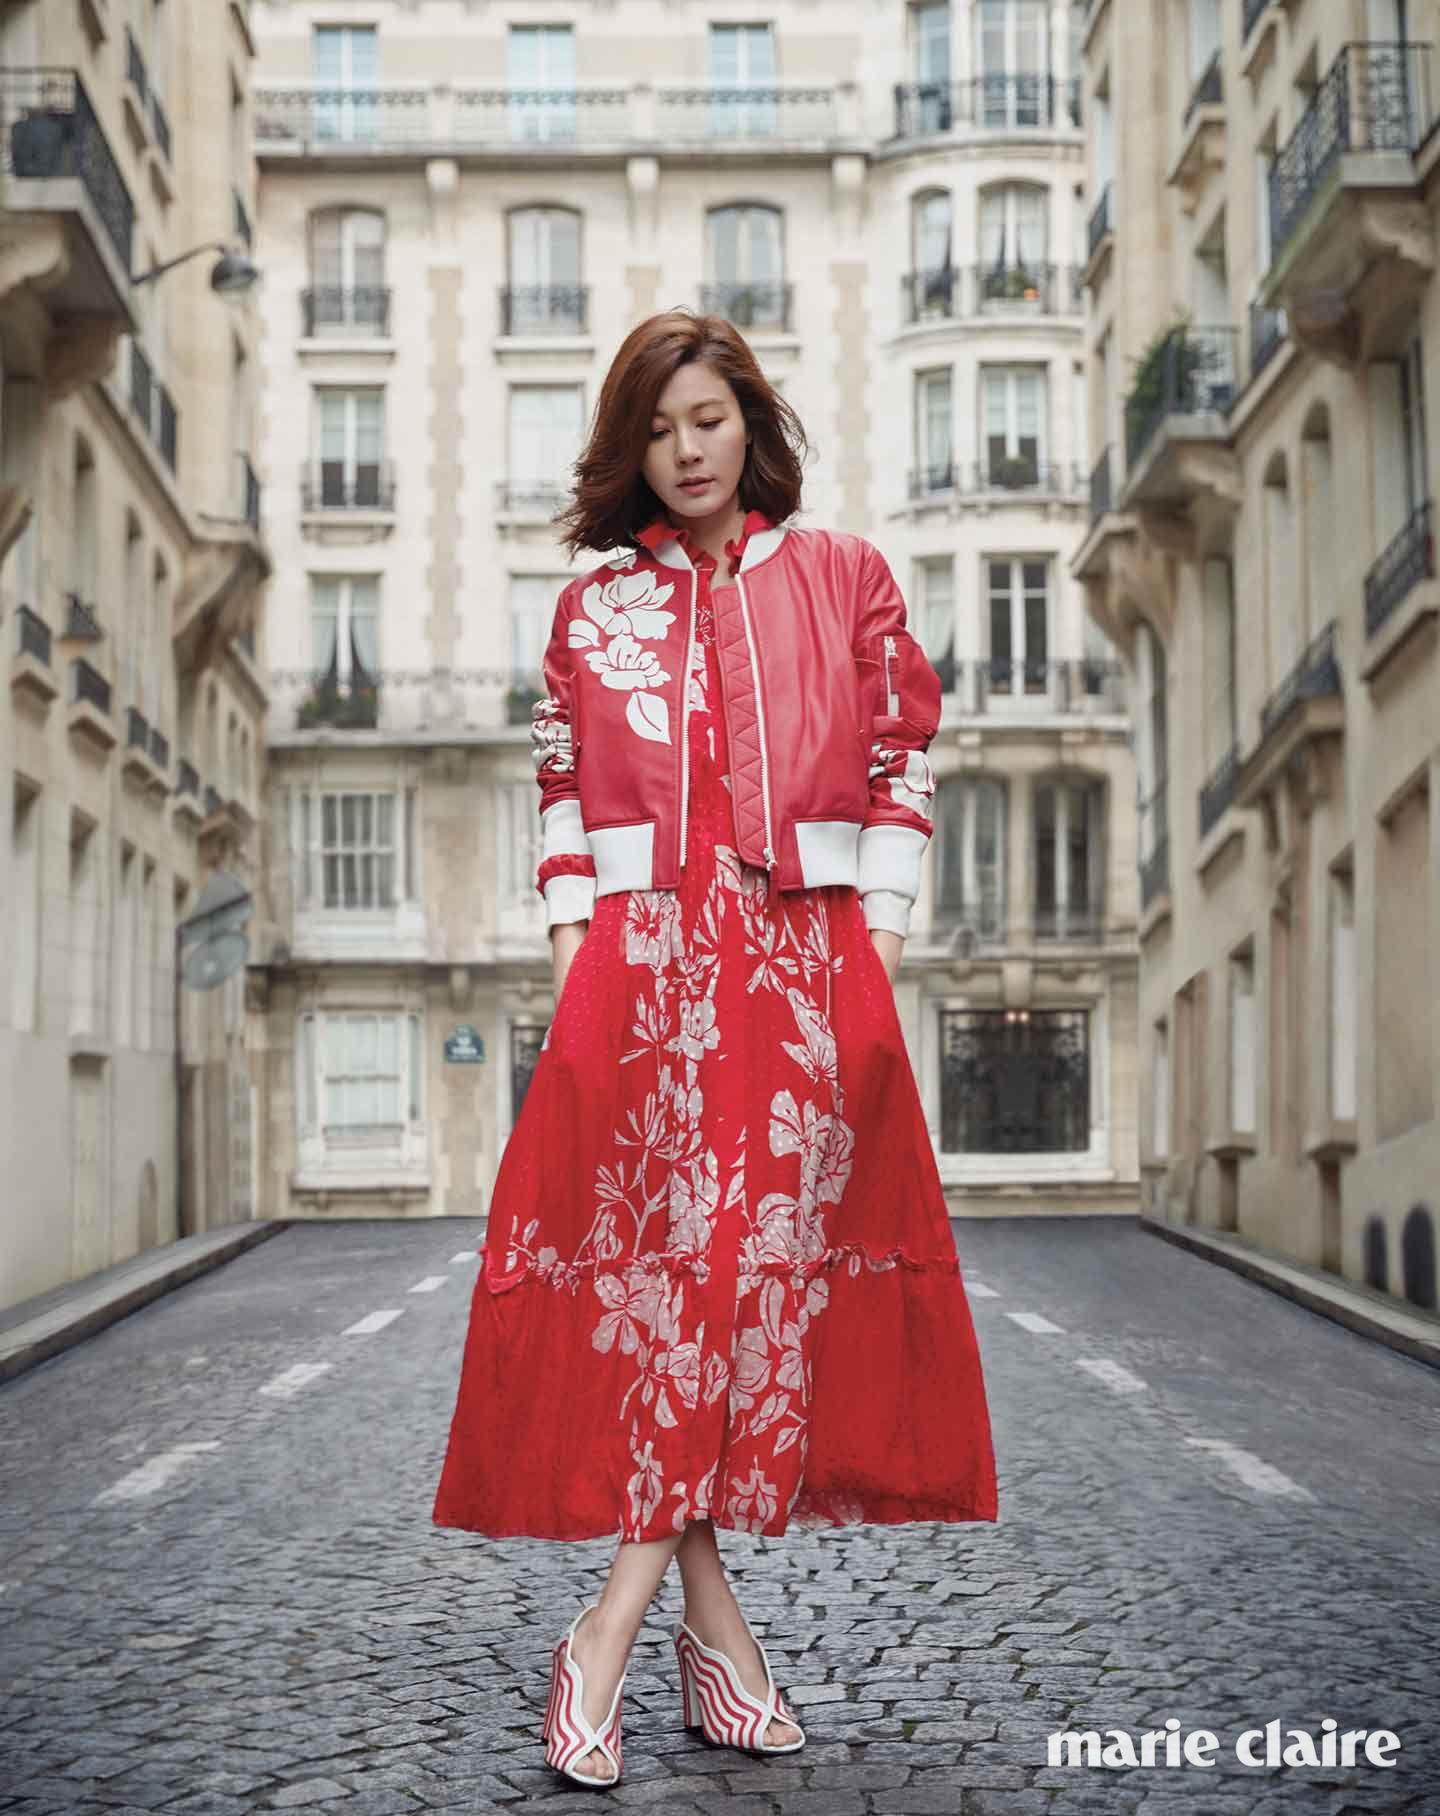 Suzy xinh đẹp nhưng style nhạt hơn hẳn các sao nữ khác trên tạp chí tháng 1 - Ảnh 21.